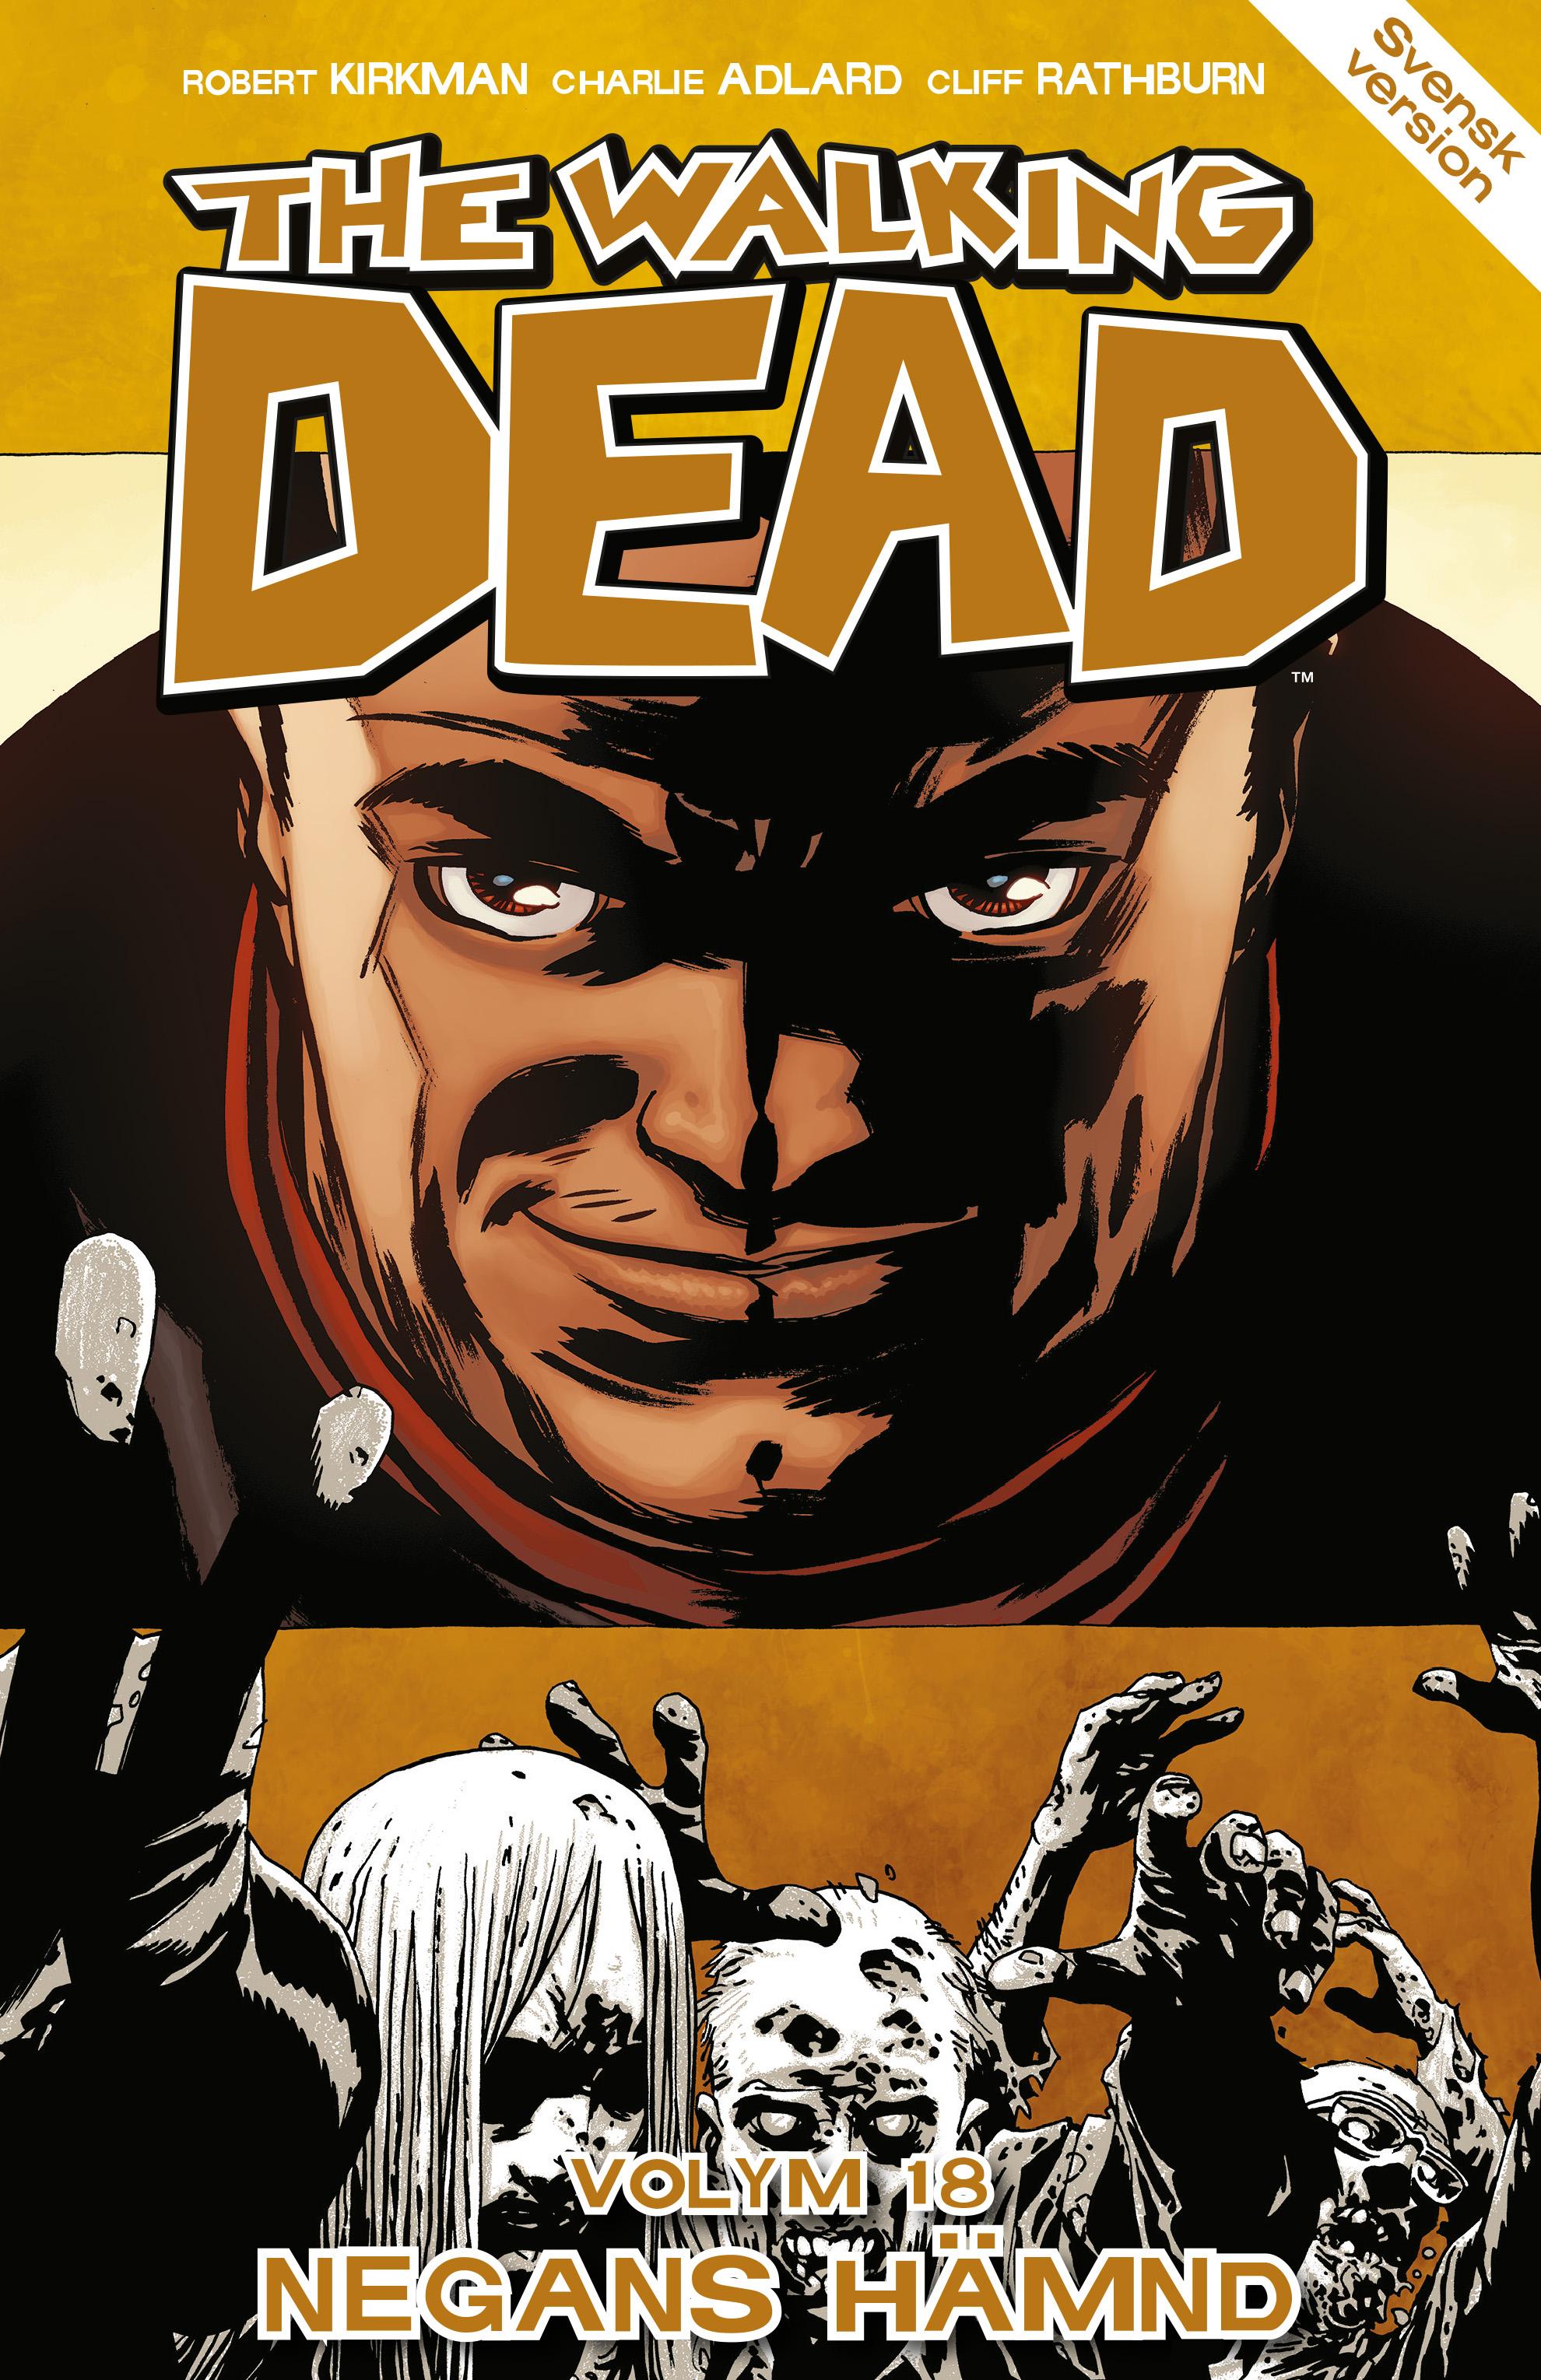 The Walking Dead volym 18. Negans hämnd av Robert Kirkman